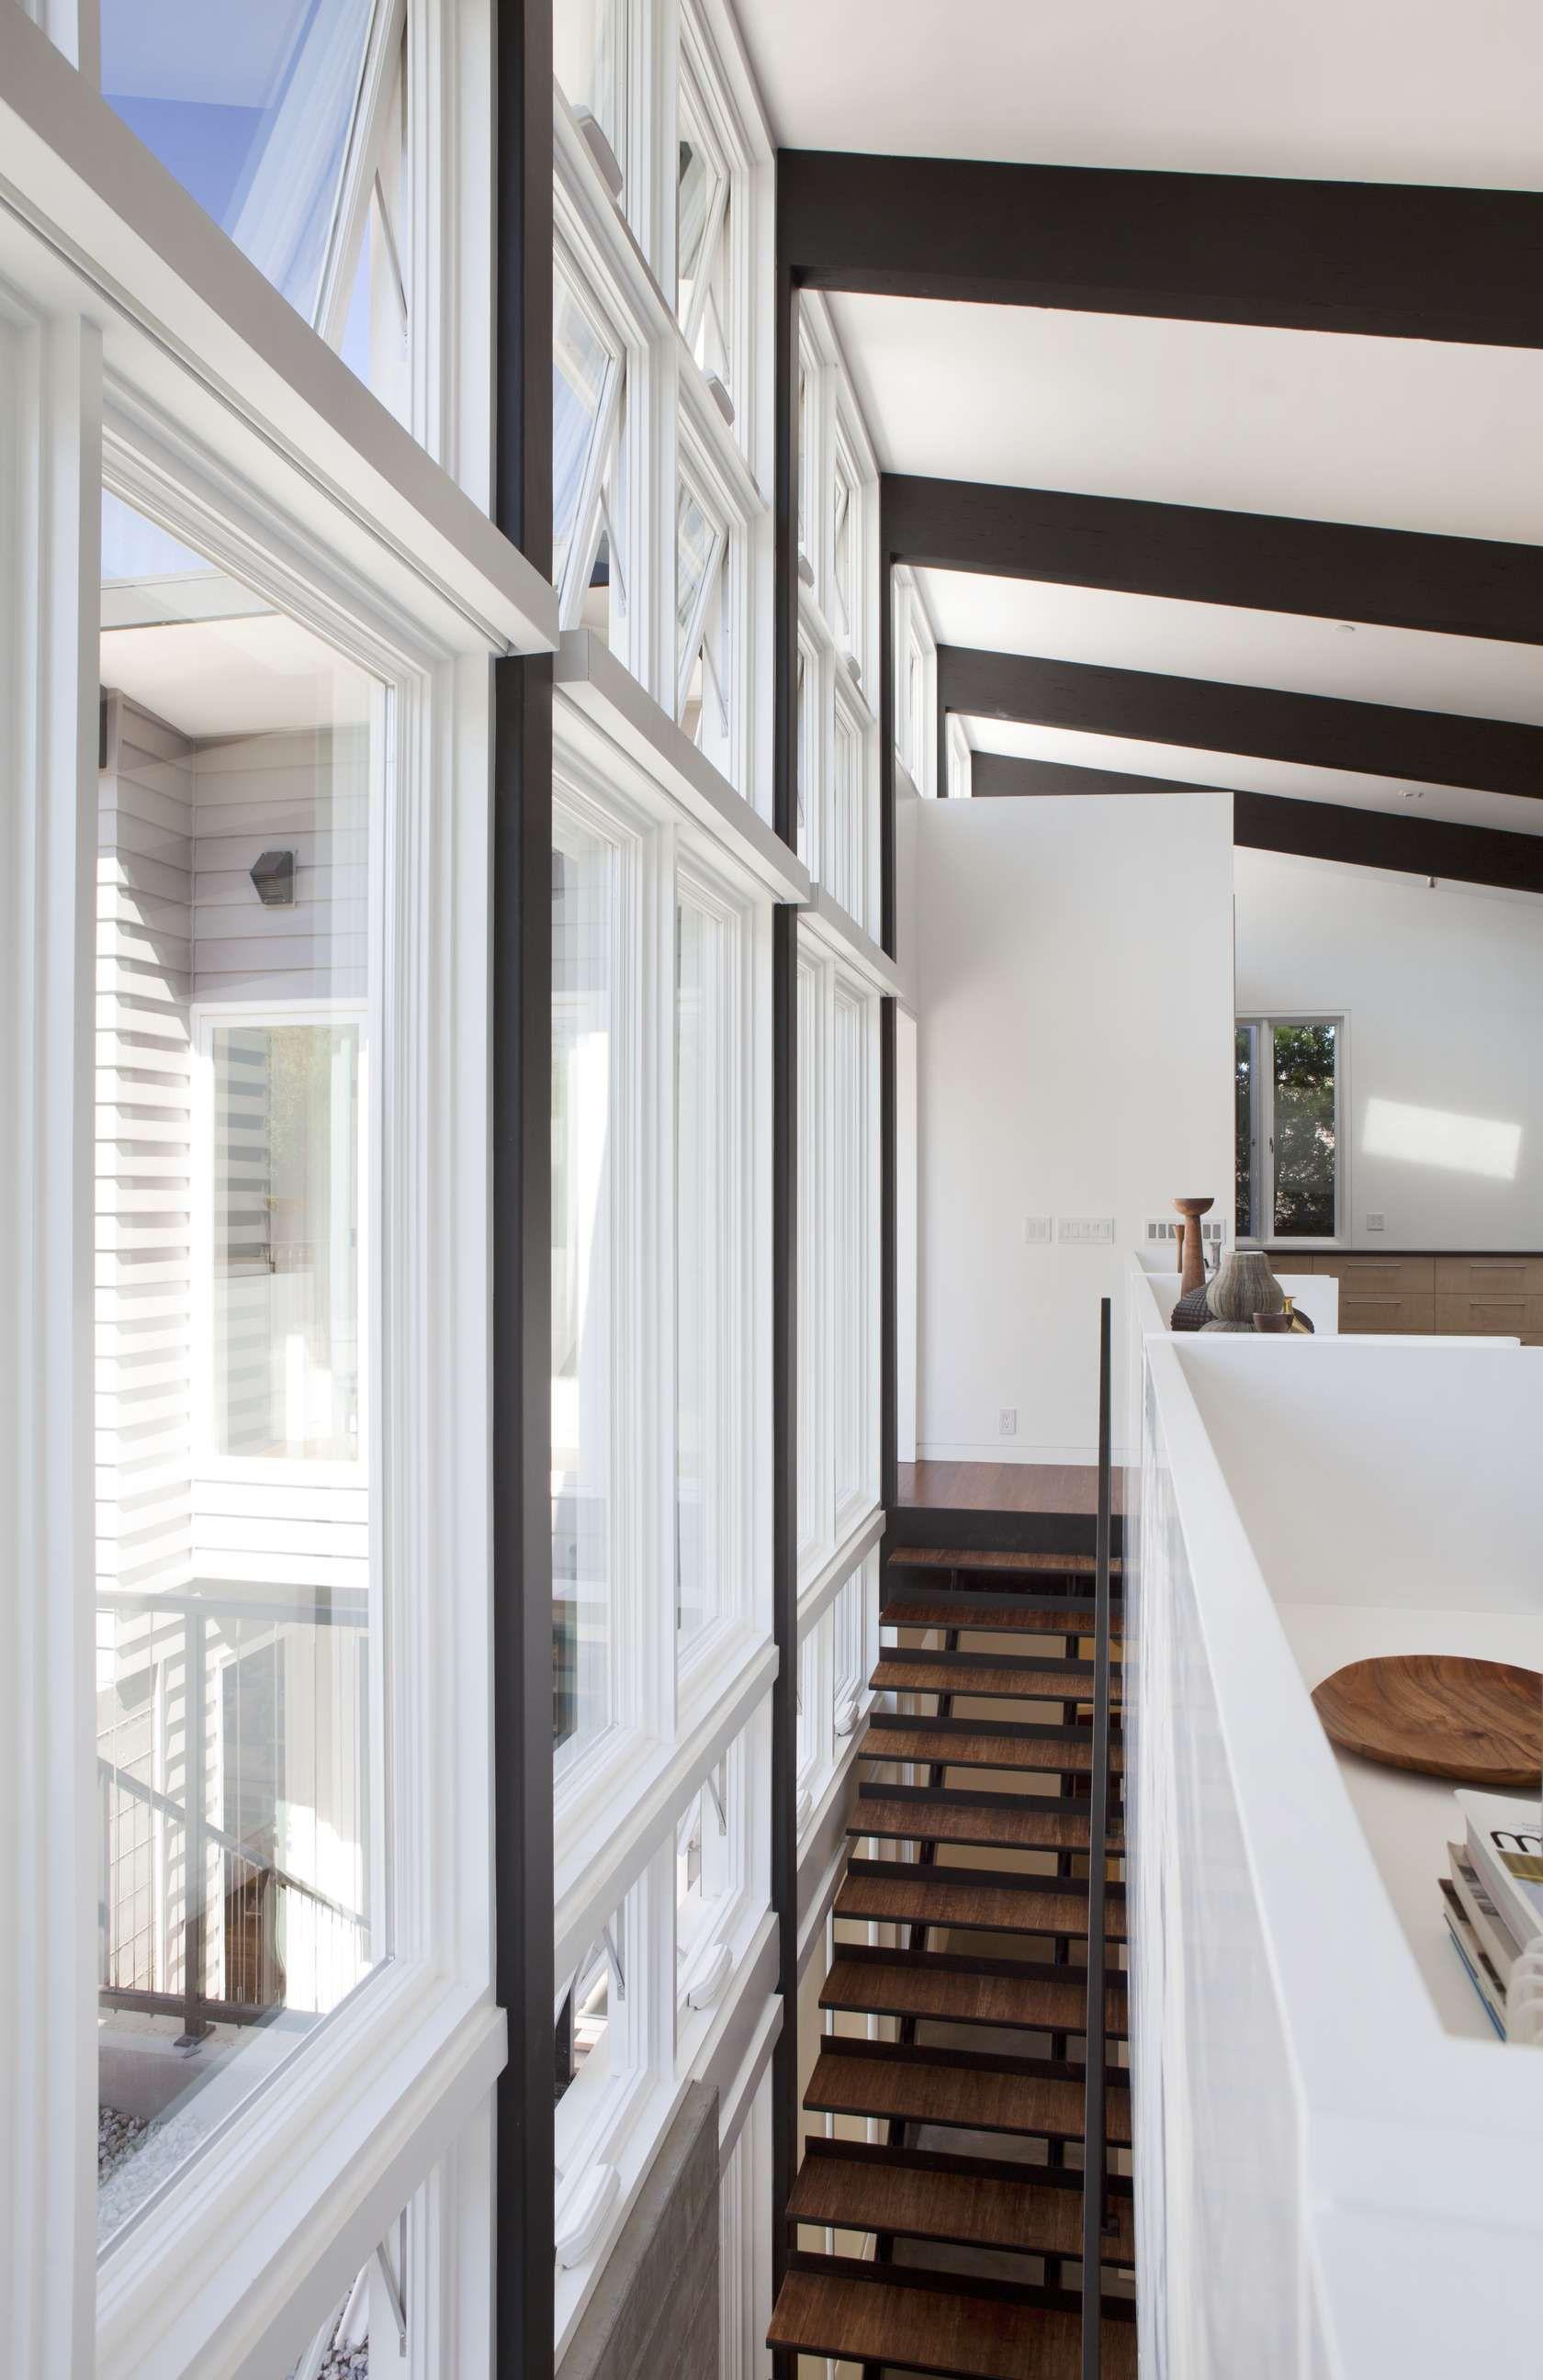 Net Zero-Energy Homes - modlar.com